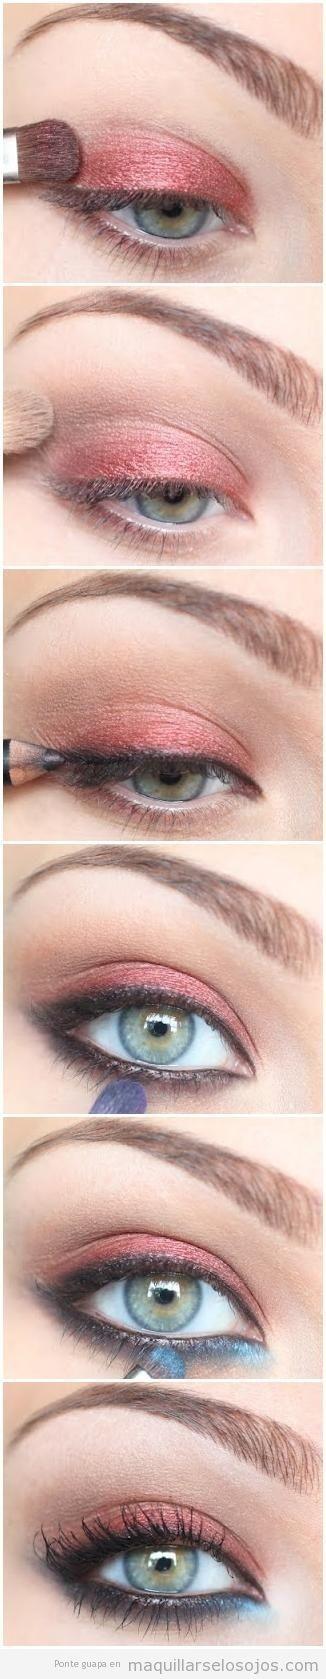 Tutorial paso a paso para maquillaje de ojos cobre y azul